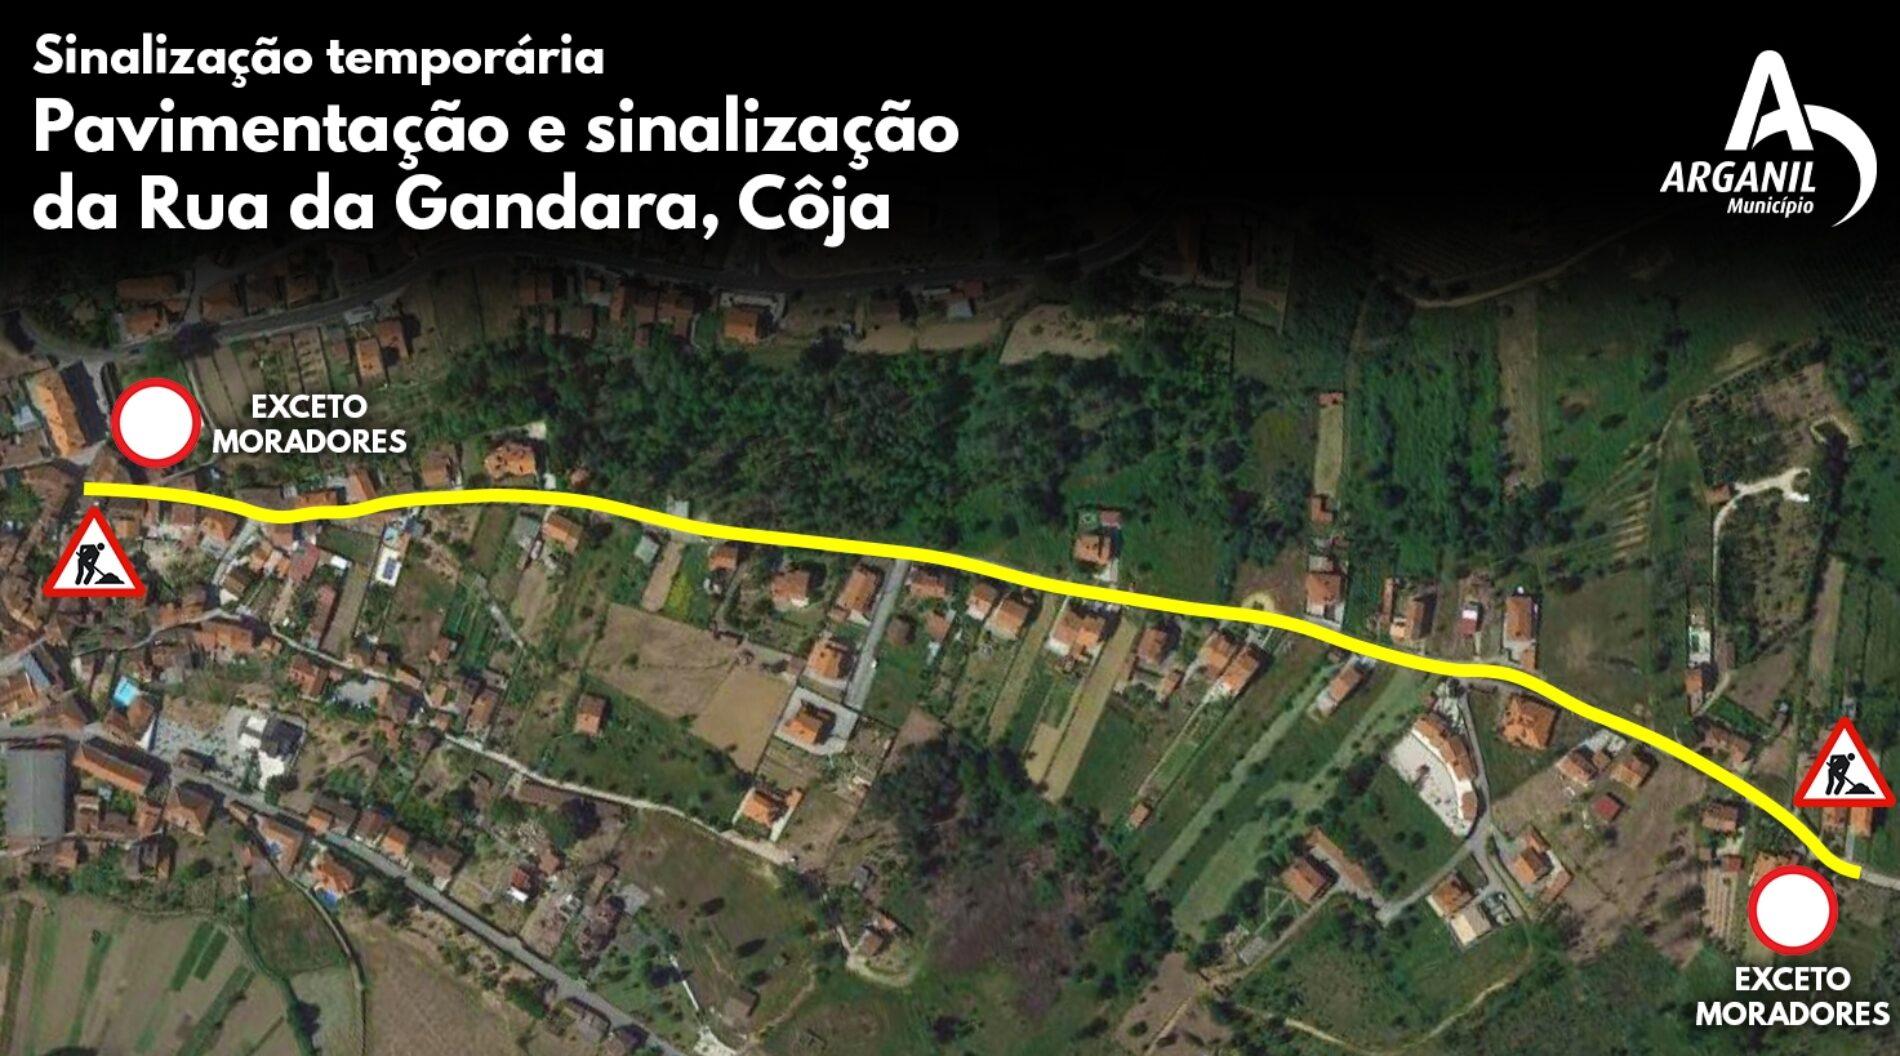 Município de Arganil avança com requalificação de ruas em Côja